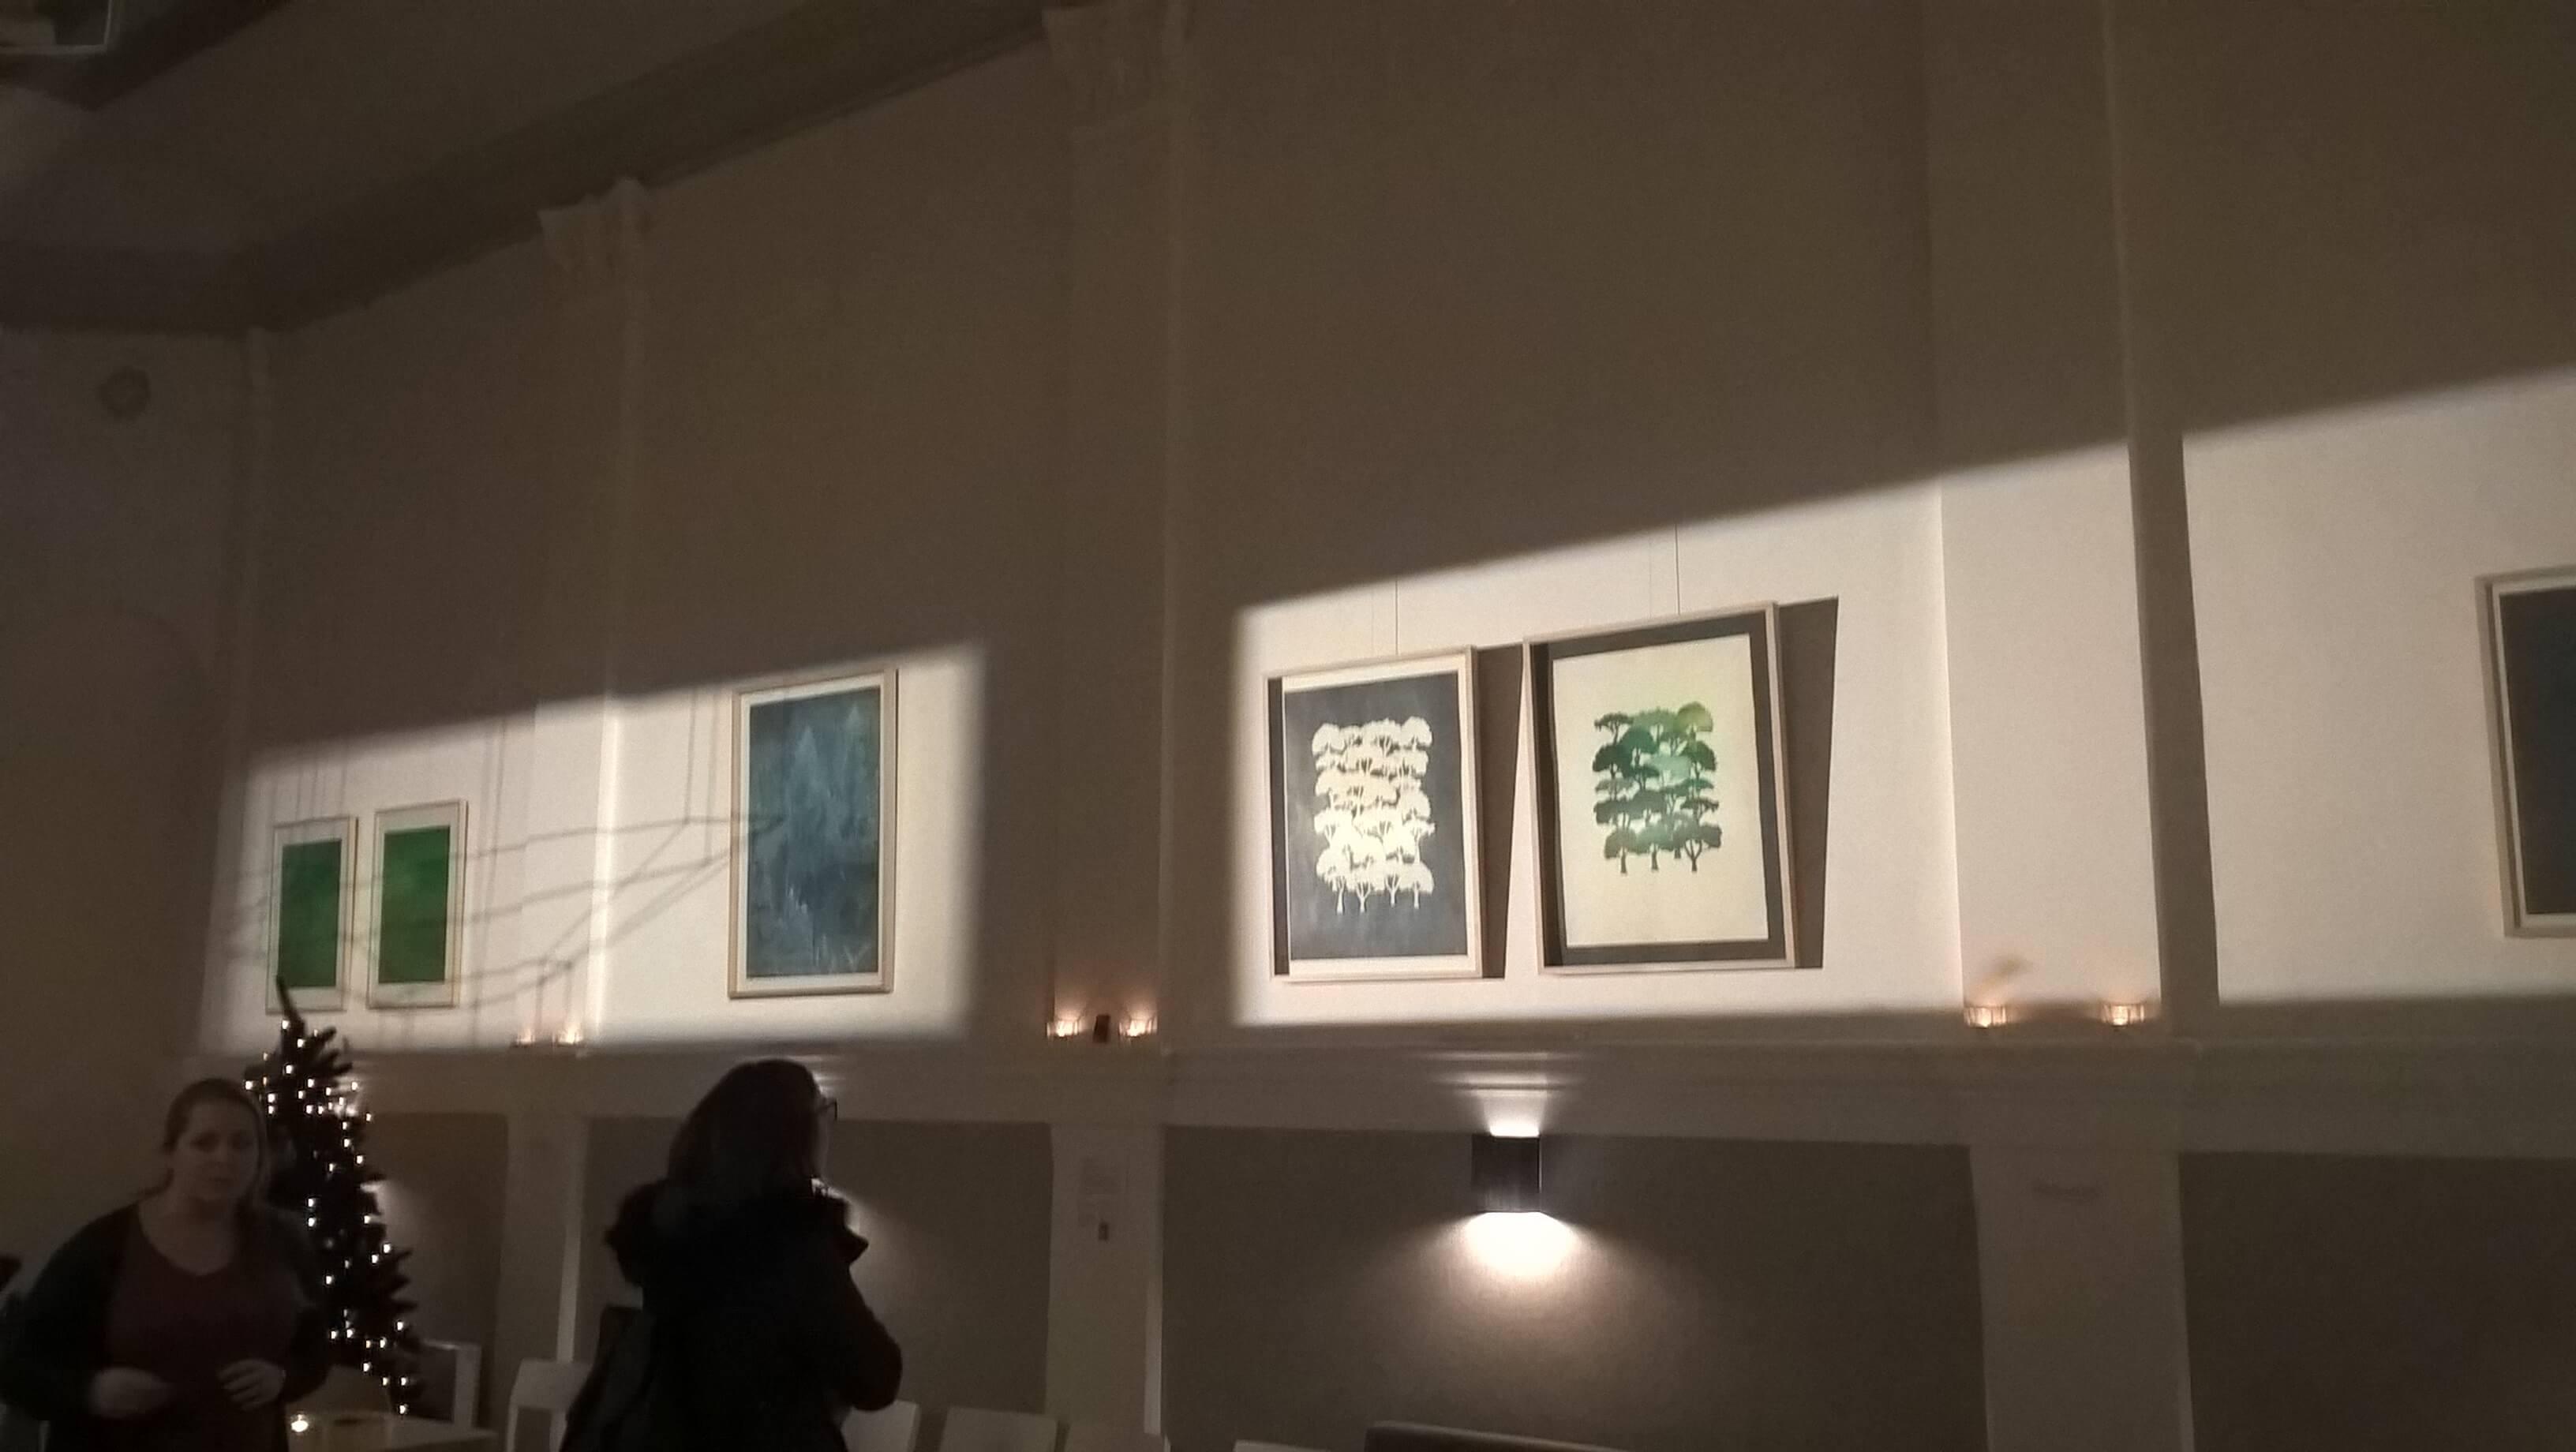 expositie-kantoor-van-nu-gouda-bij-kaarslicht